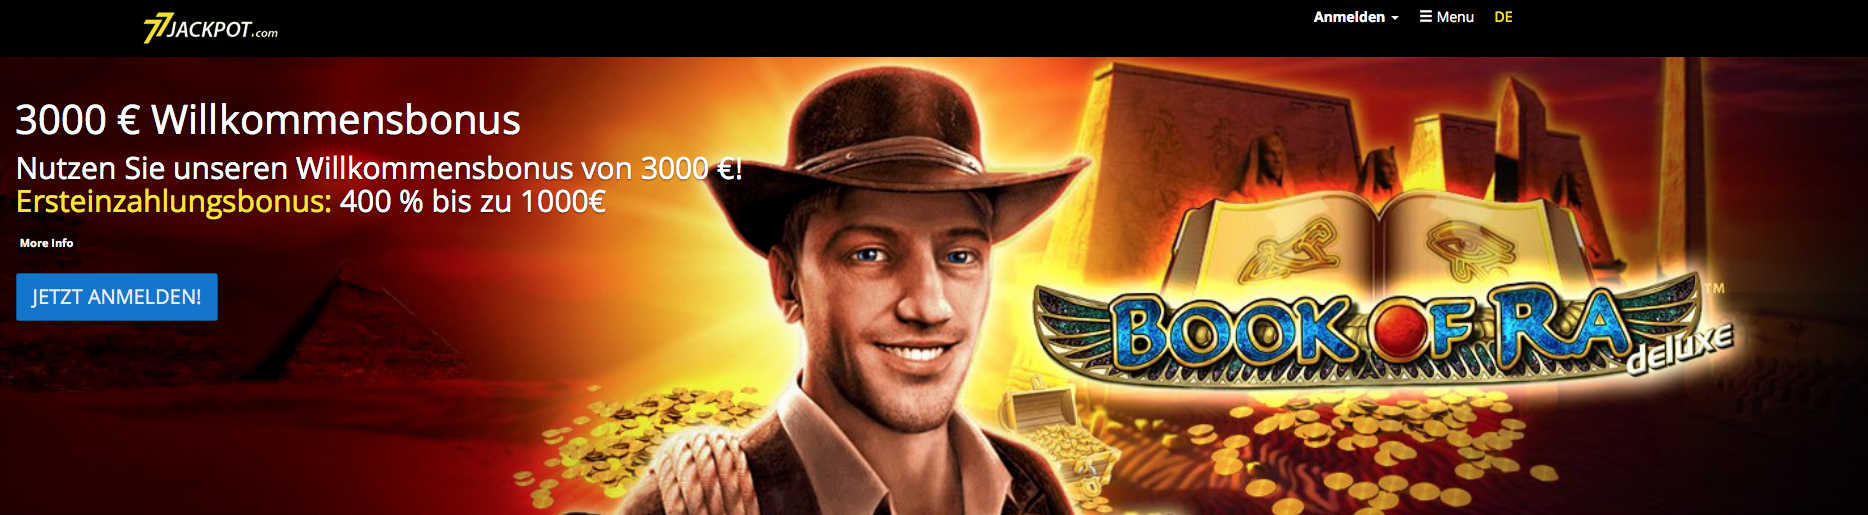 Spielen 77 Jackpot - 54133